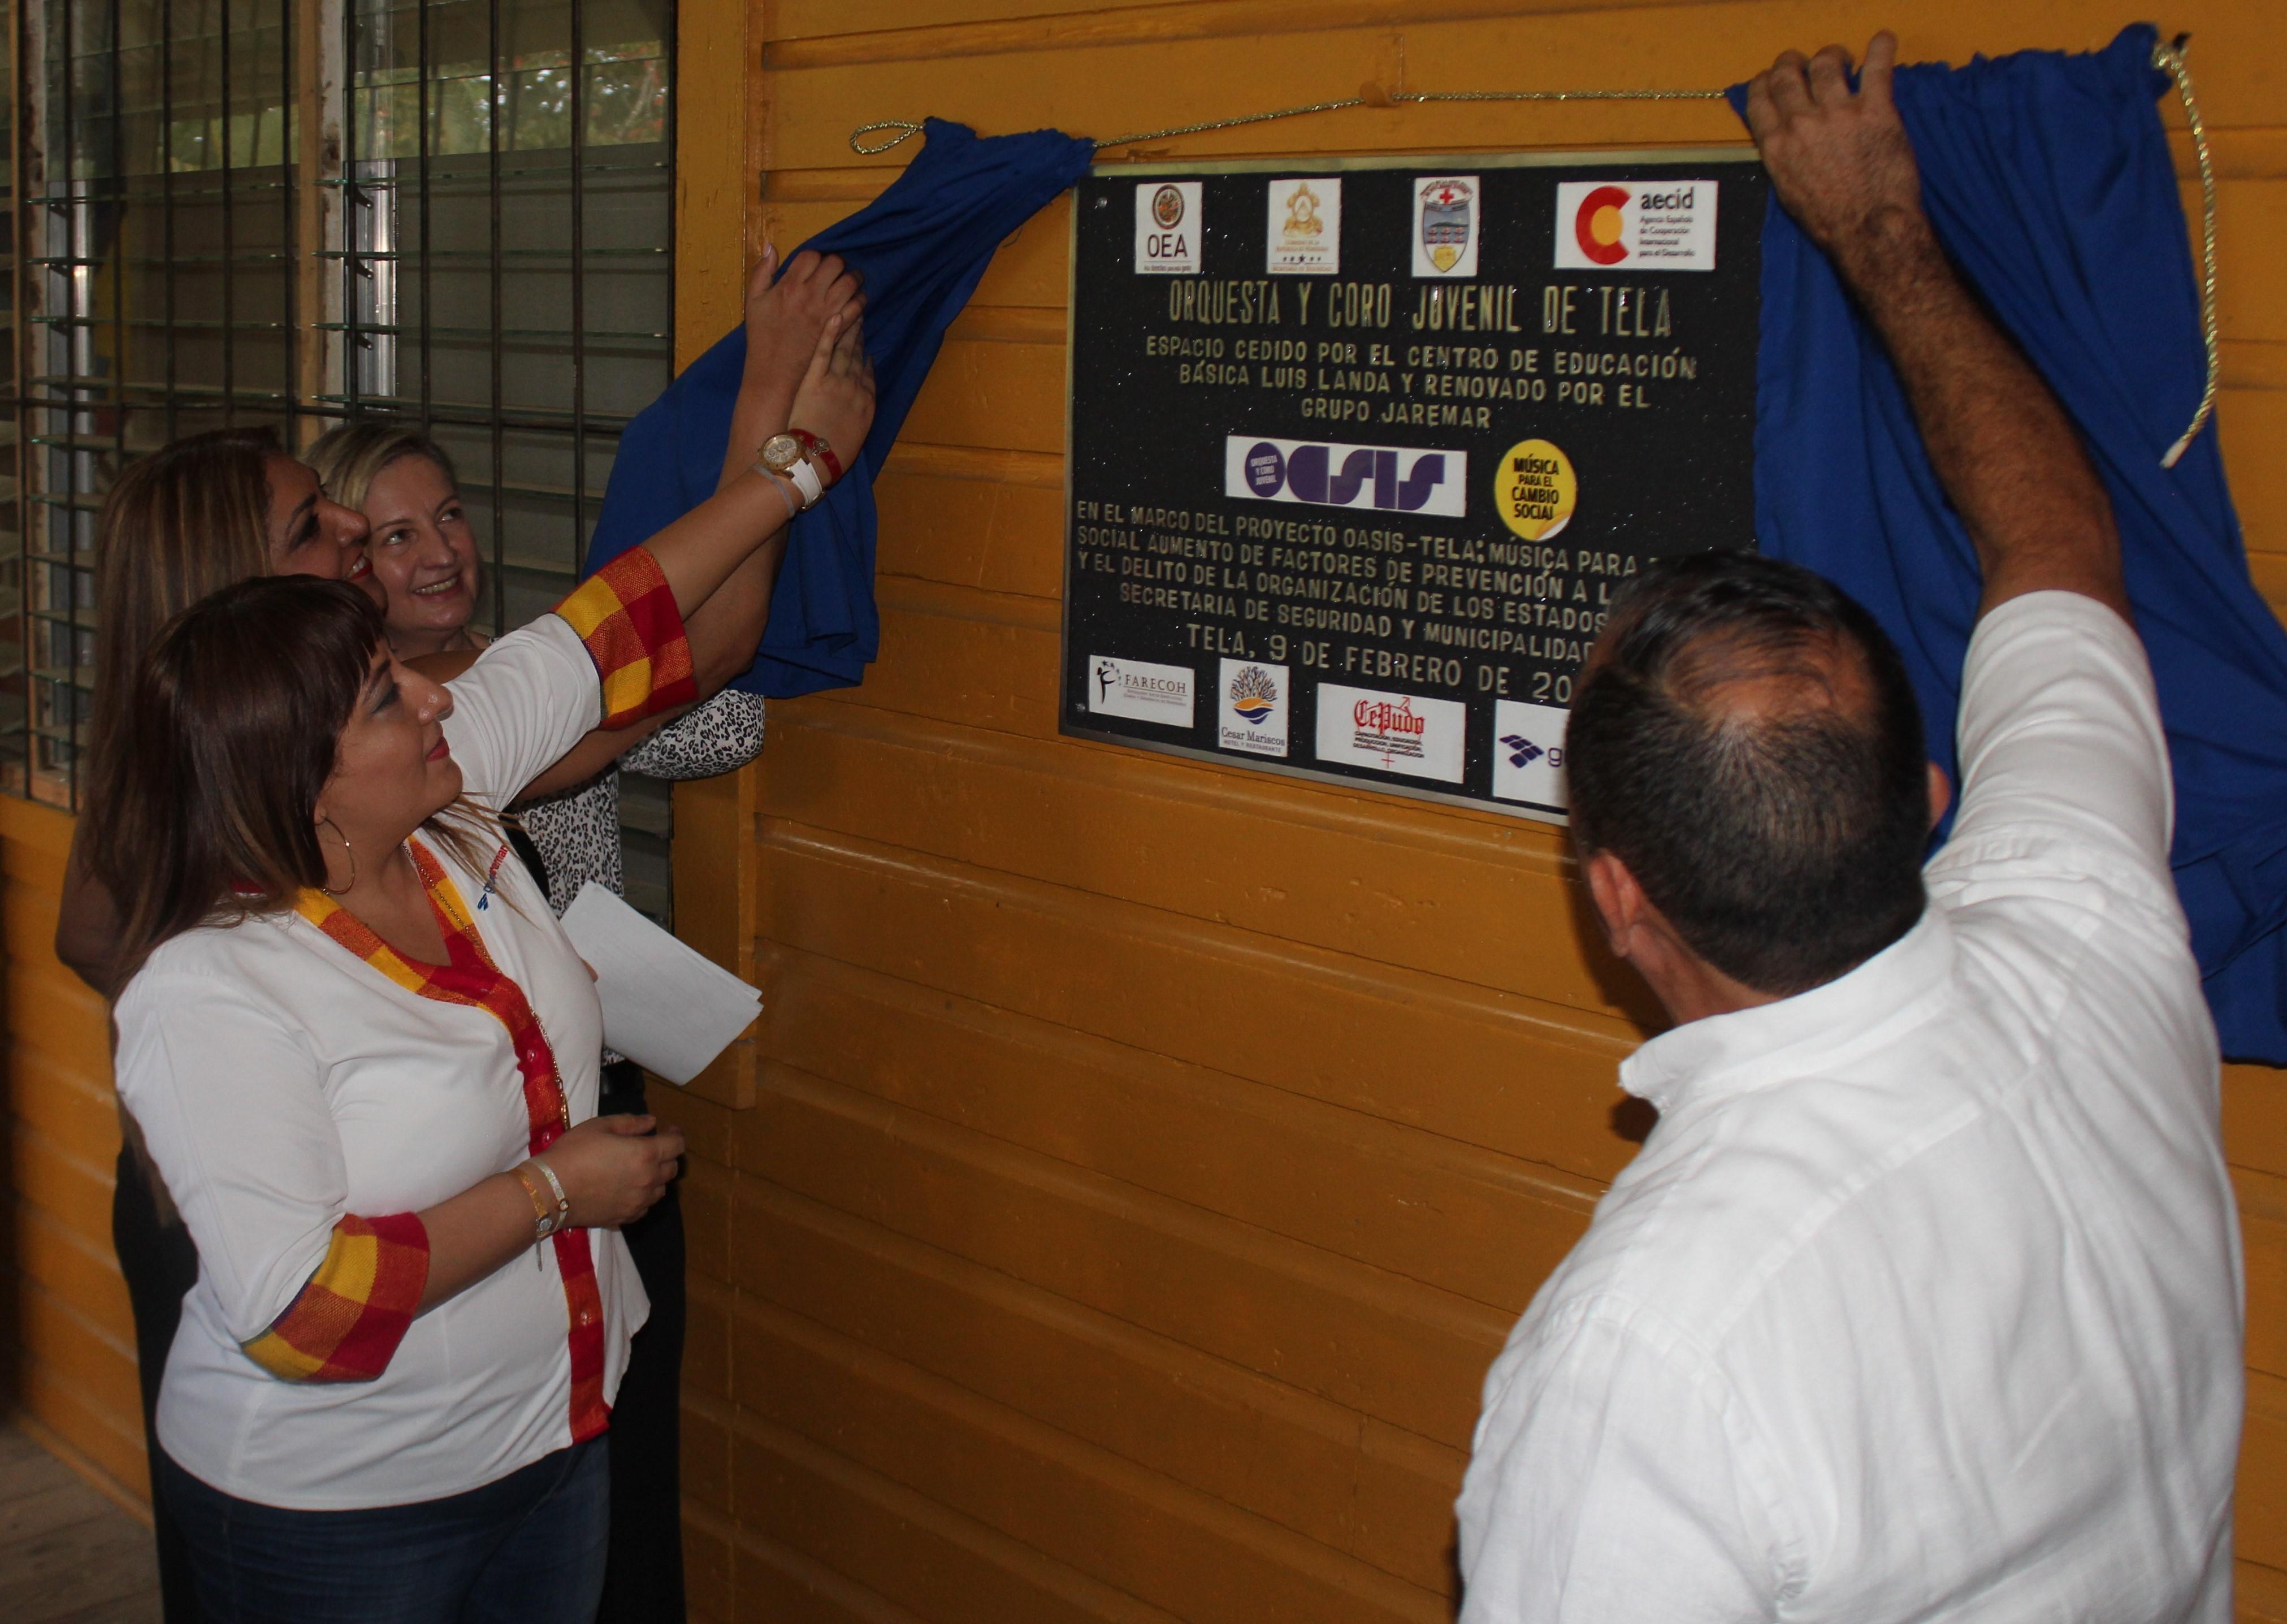 Sonia Mejía, Gerente de RSE Grupo Jaremar junto a representantes de las organizaciones con las que se trabajó por este proyecto: OEA, Gobierno de Honduras, AECID, Farecoh, Cesar Mariscos, Cepudo y Grupo Jaremar.